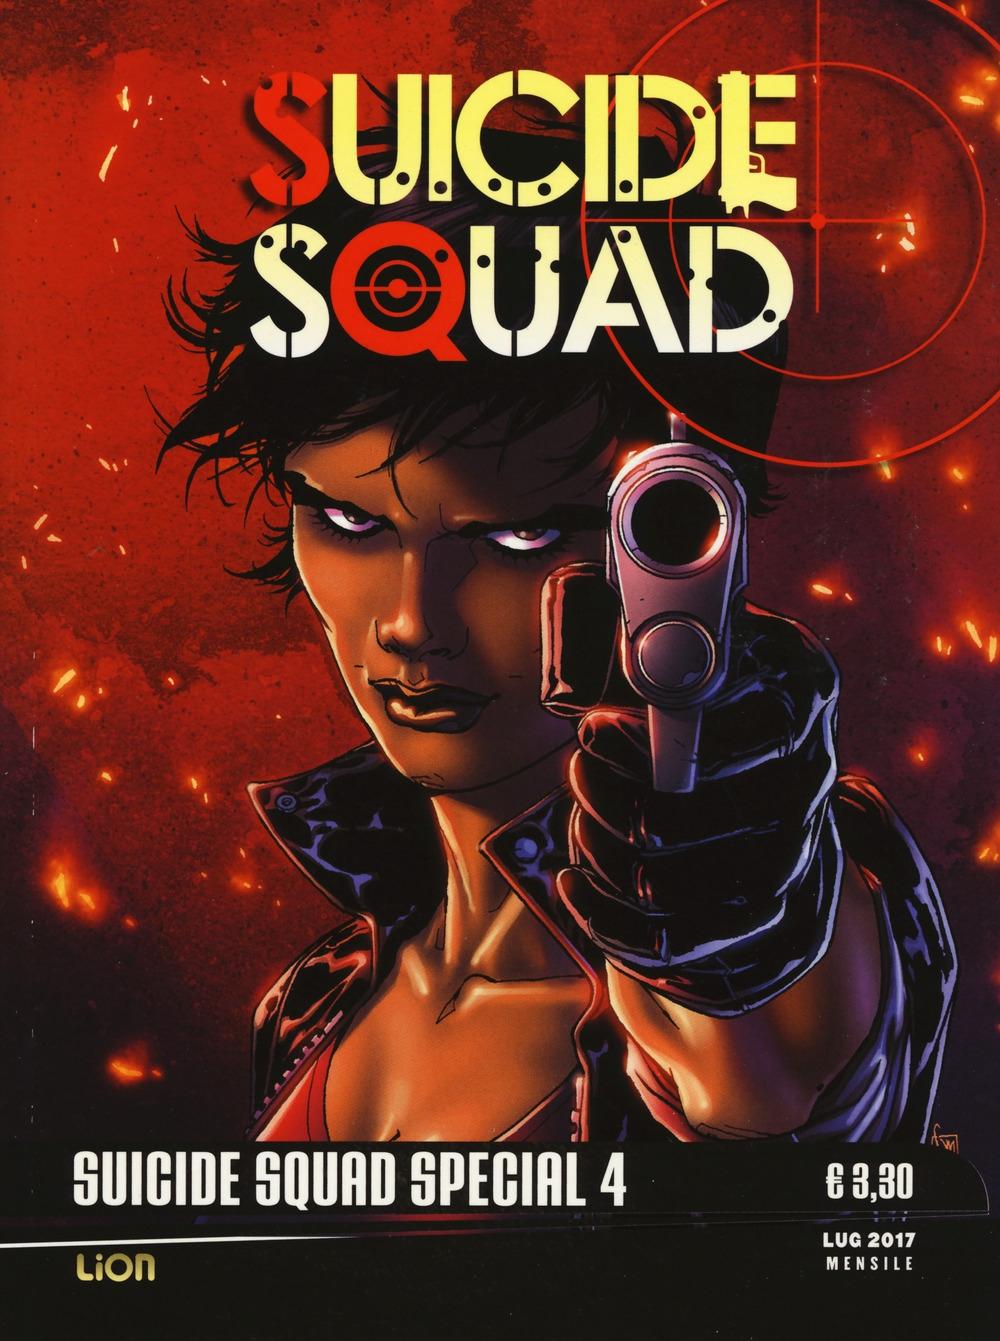 Suicide Squad special 4. Suicide Squad